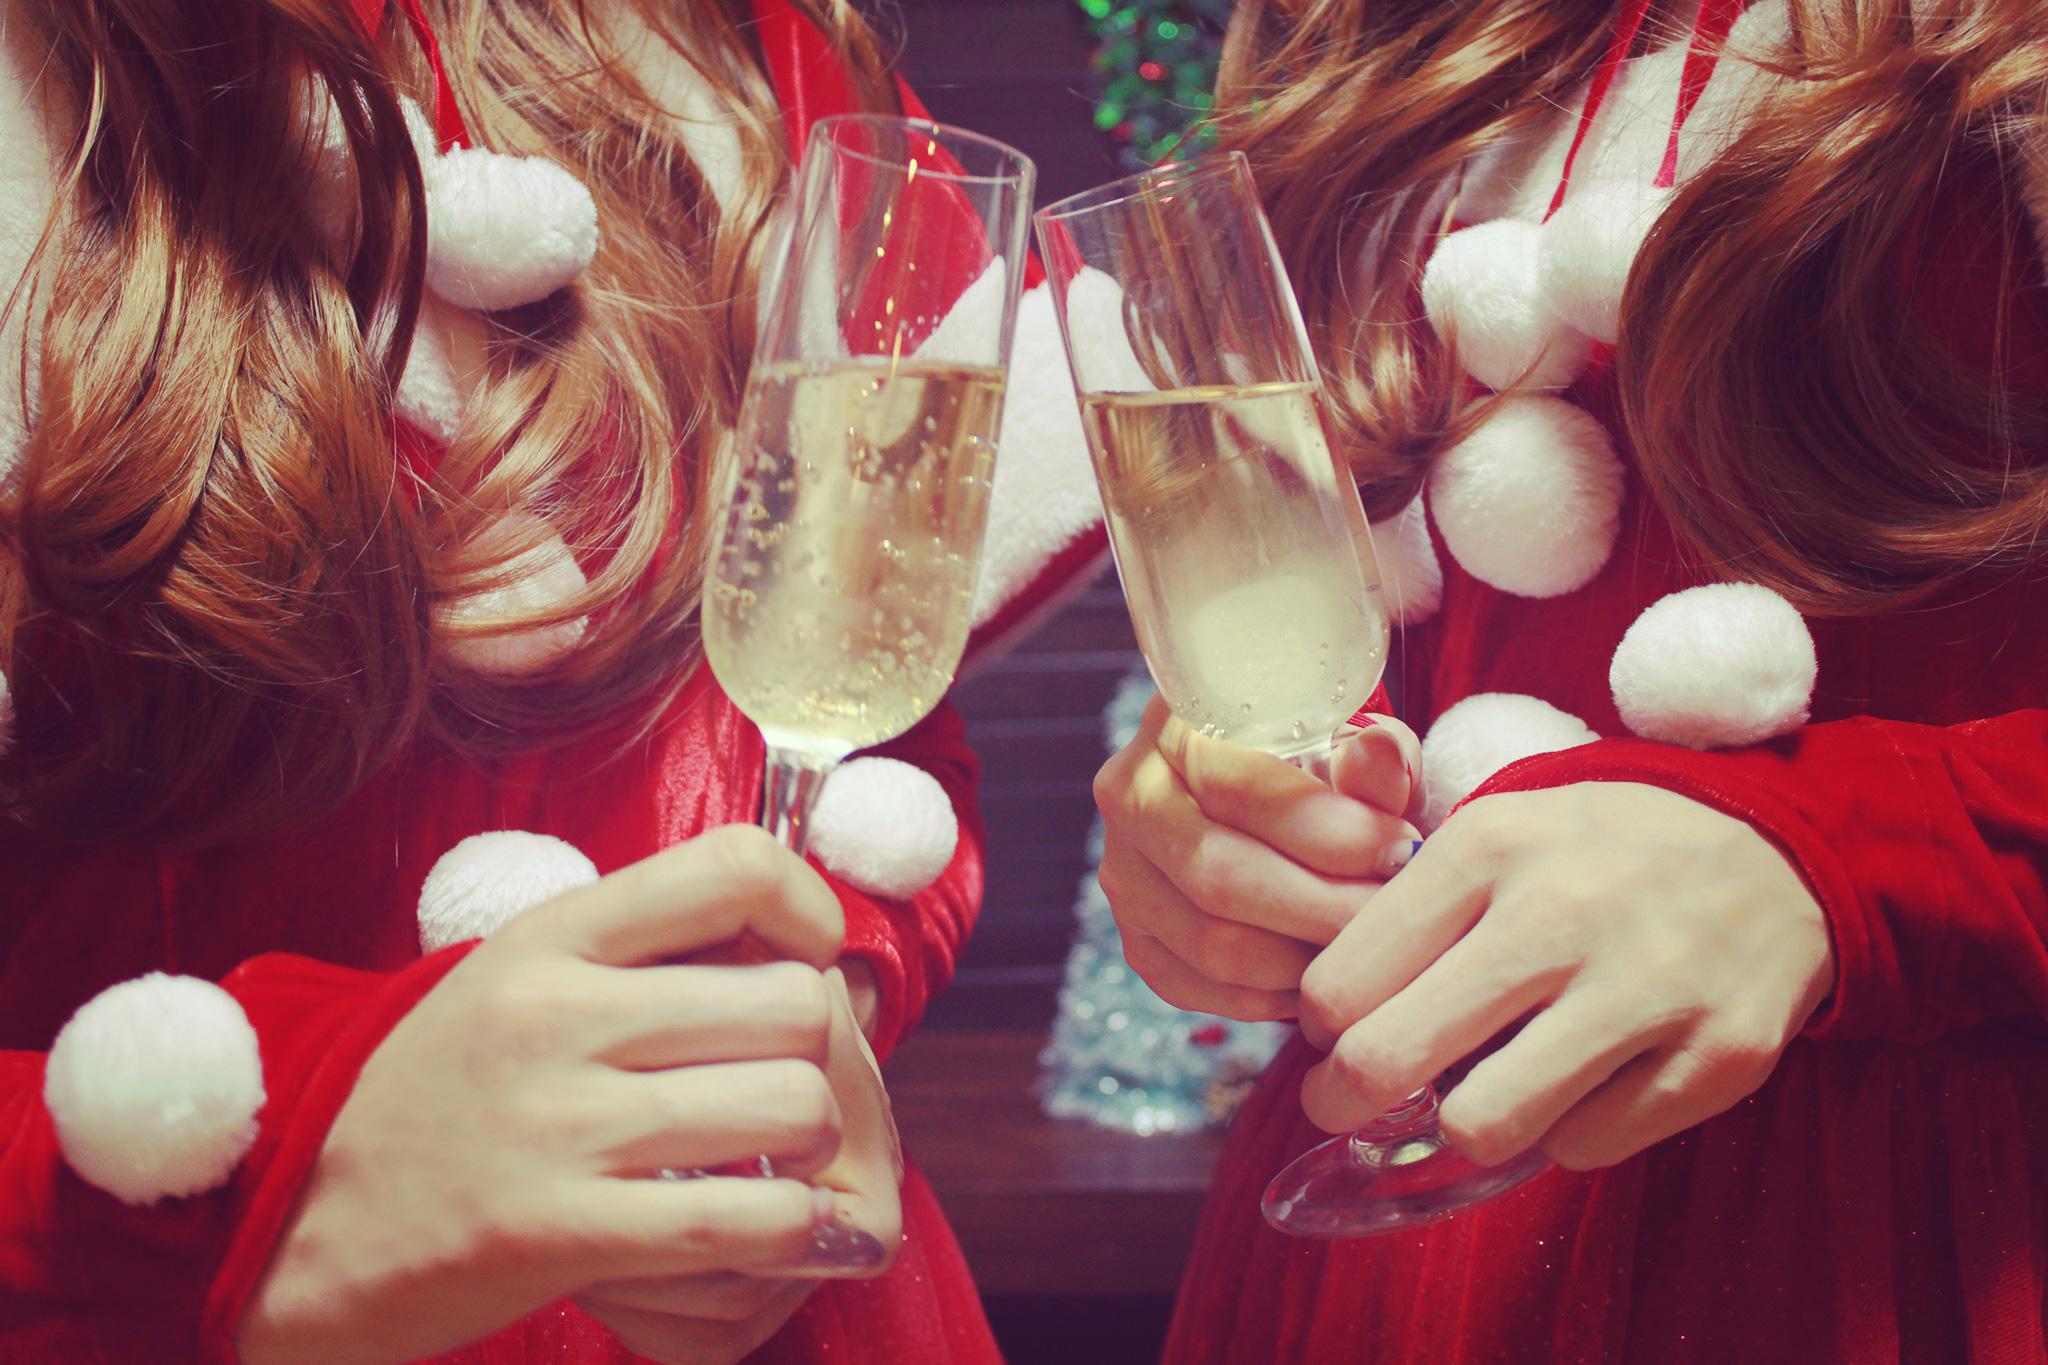 今年こそは彼氏と過ごしたい♡クリスマスまでに彼氏を作る方法8選